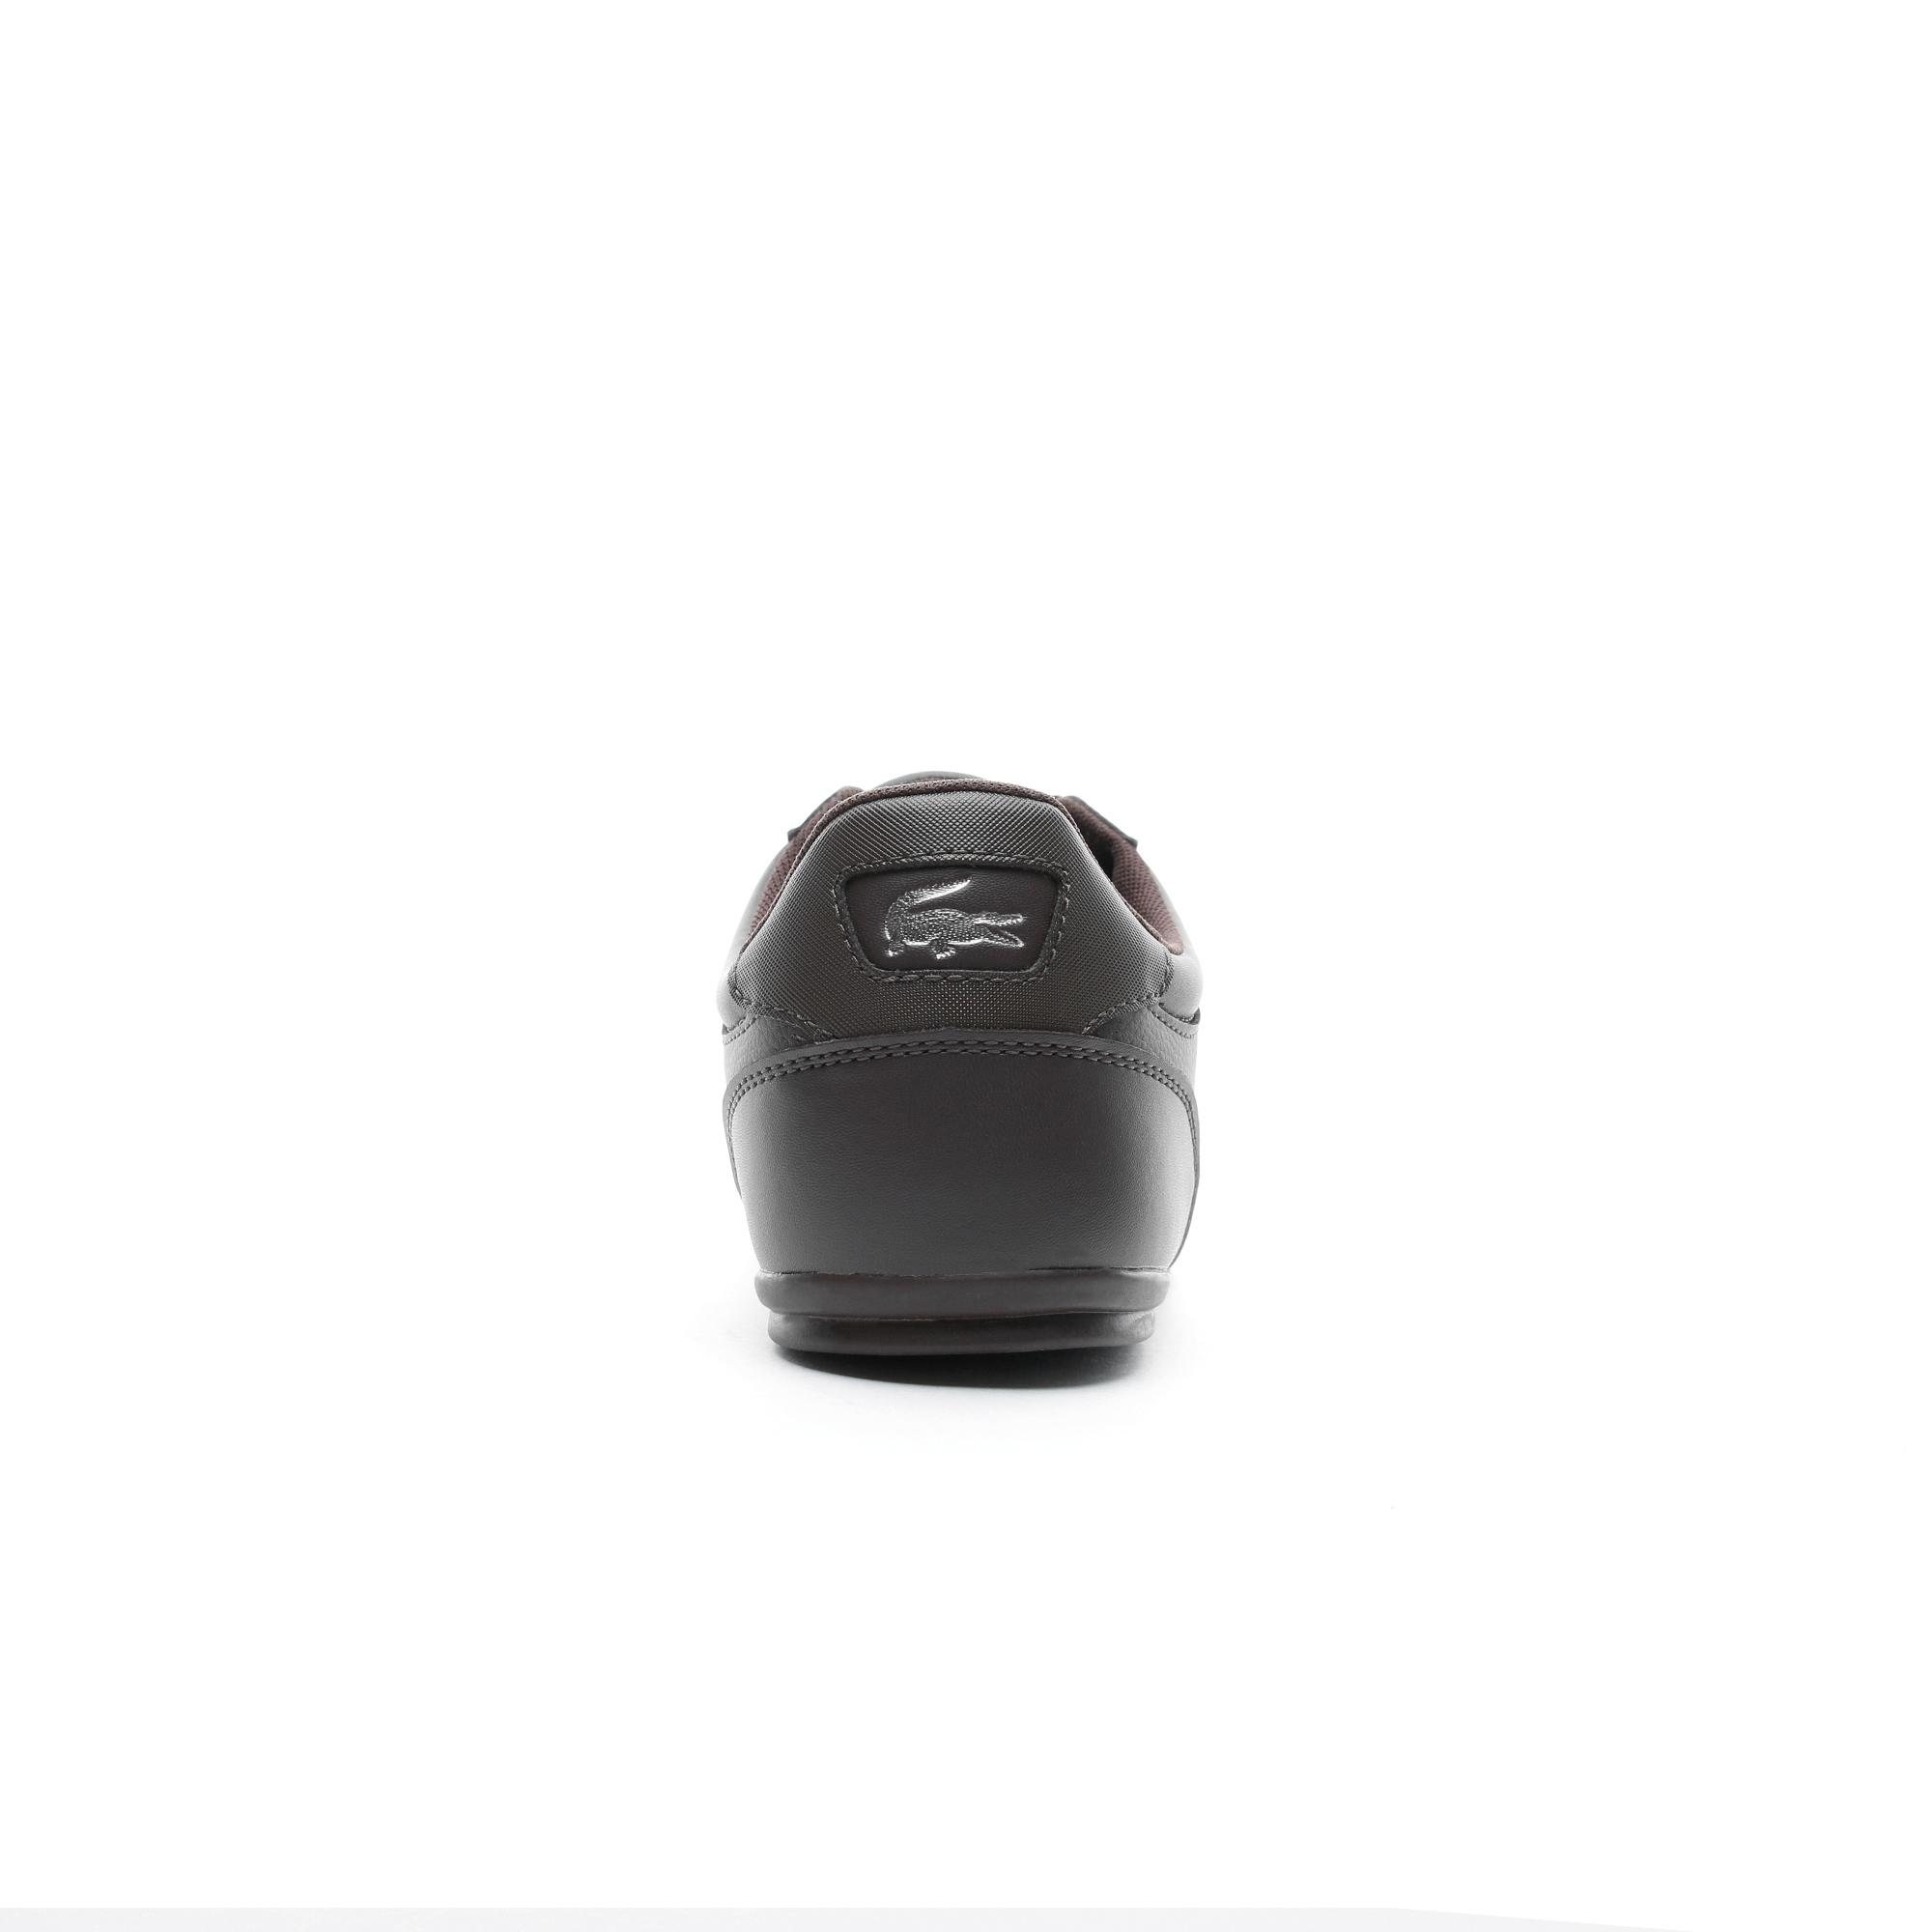 Lacoste Chaymon Erkek Kahverengi Günlük Ayakkabı